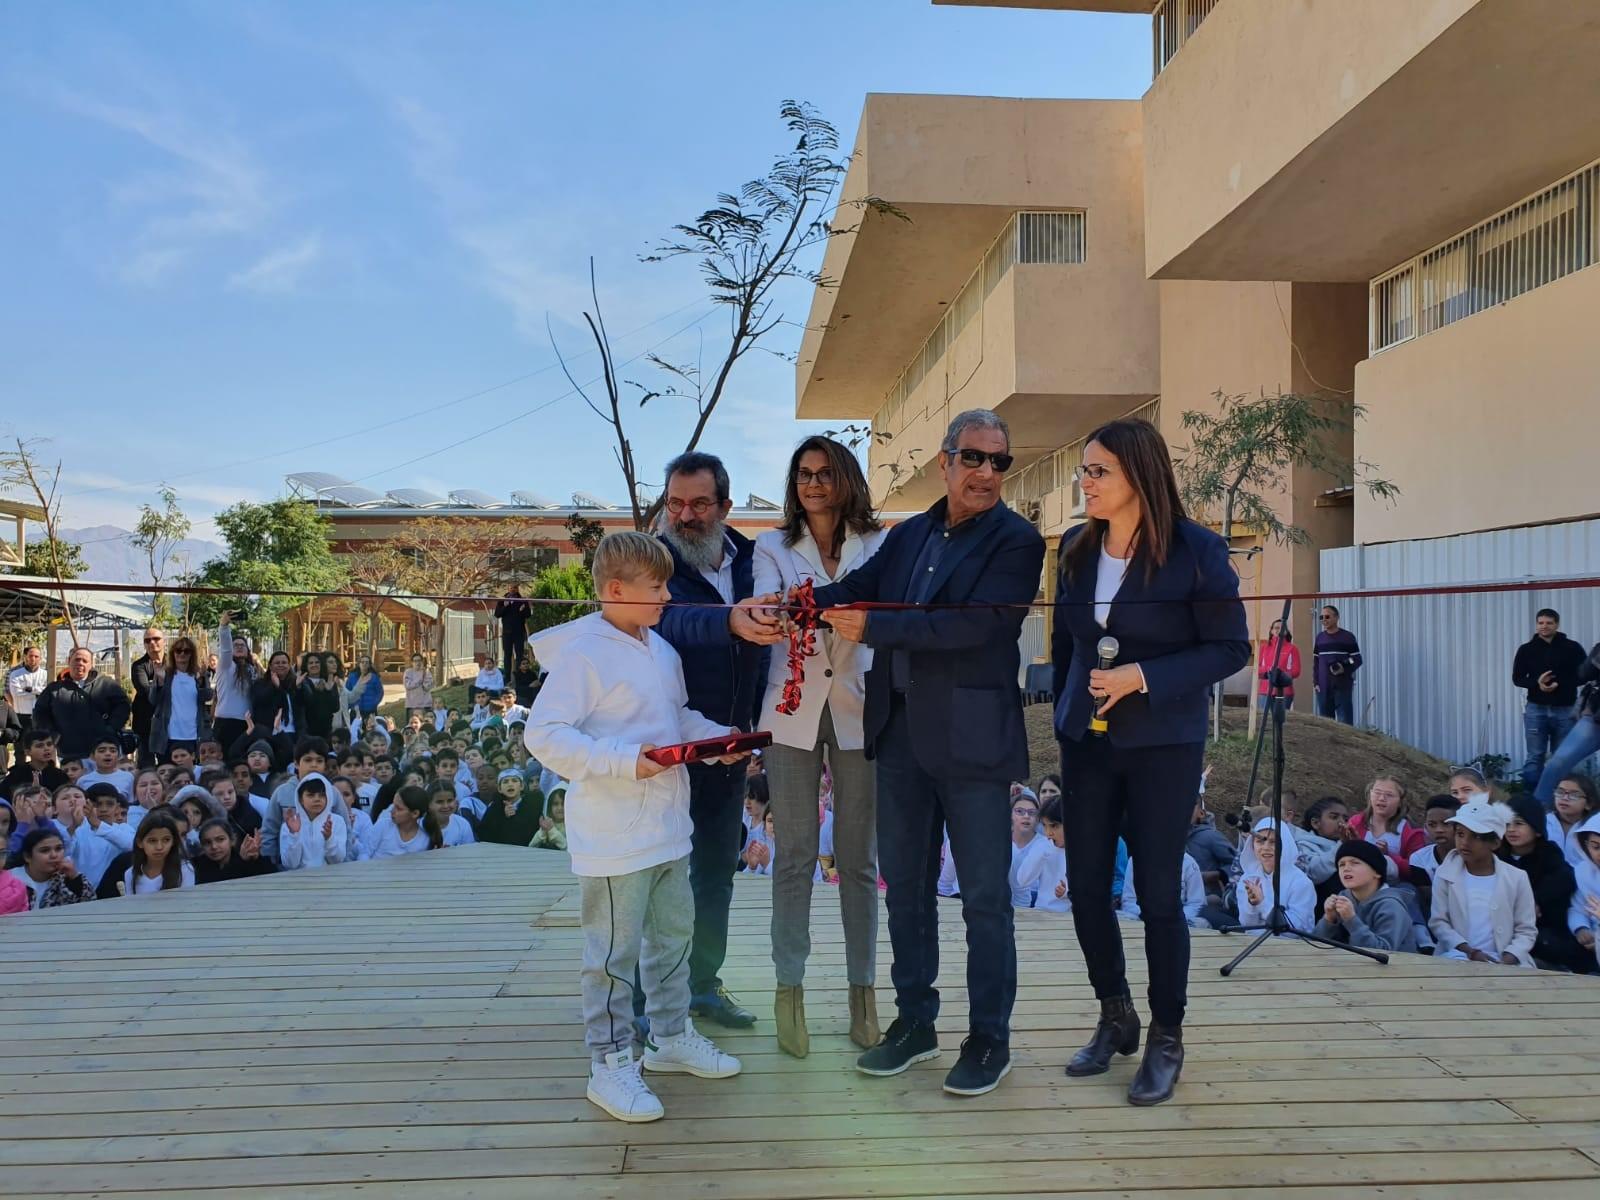 גן הפלאים - חצר המשחקים הטבעית של בית ספר ''עציון גבר''